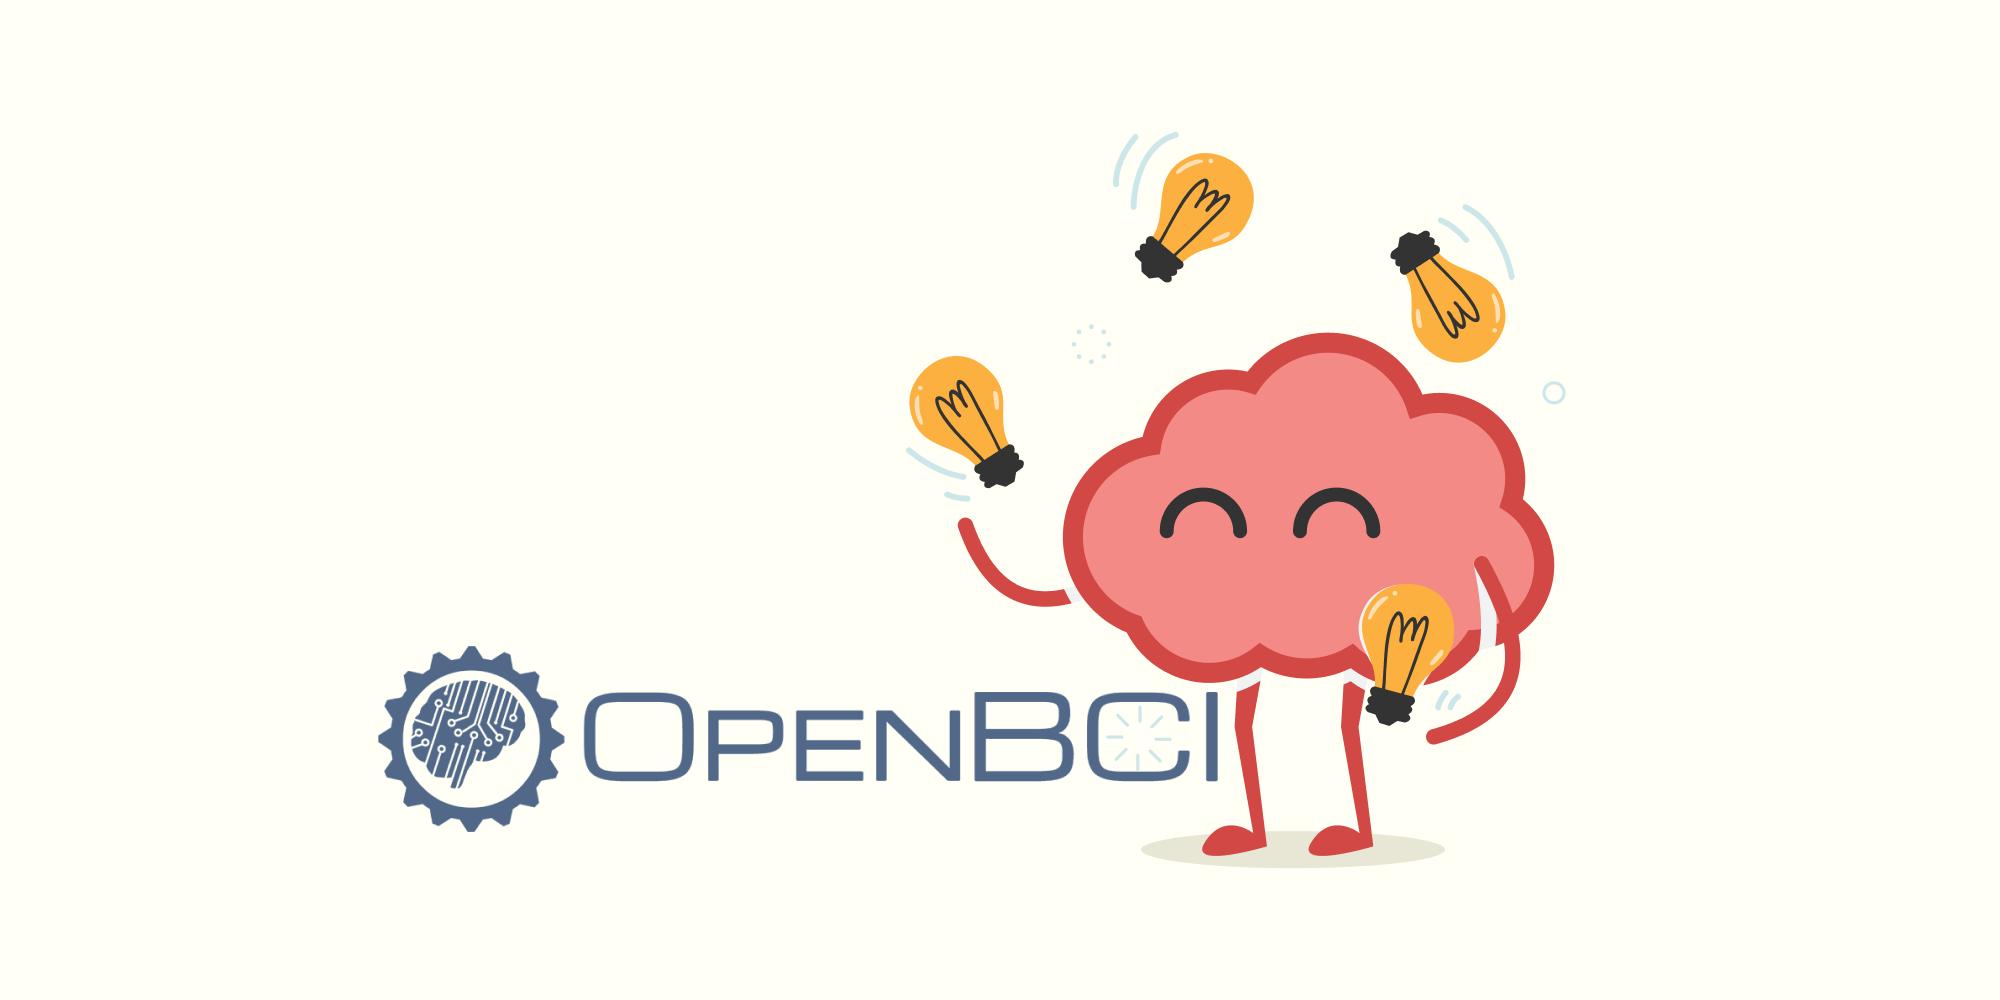 Хакинг мозга. Обработка сигналов мыслительной активности с интерфейсом OpenBCI — IT-МИР. ПОМОЩЬ В IT-МИРЕ 2021